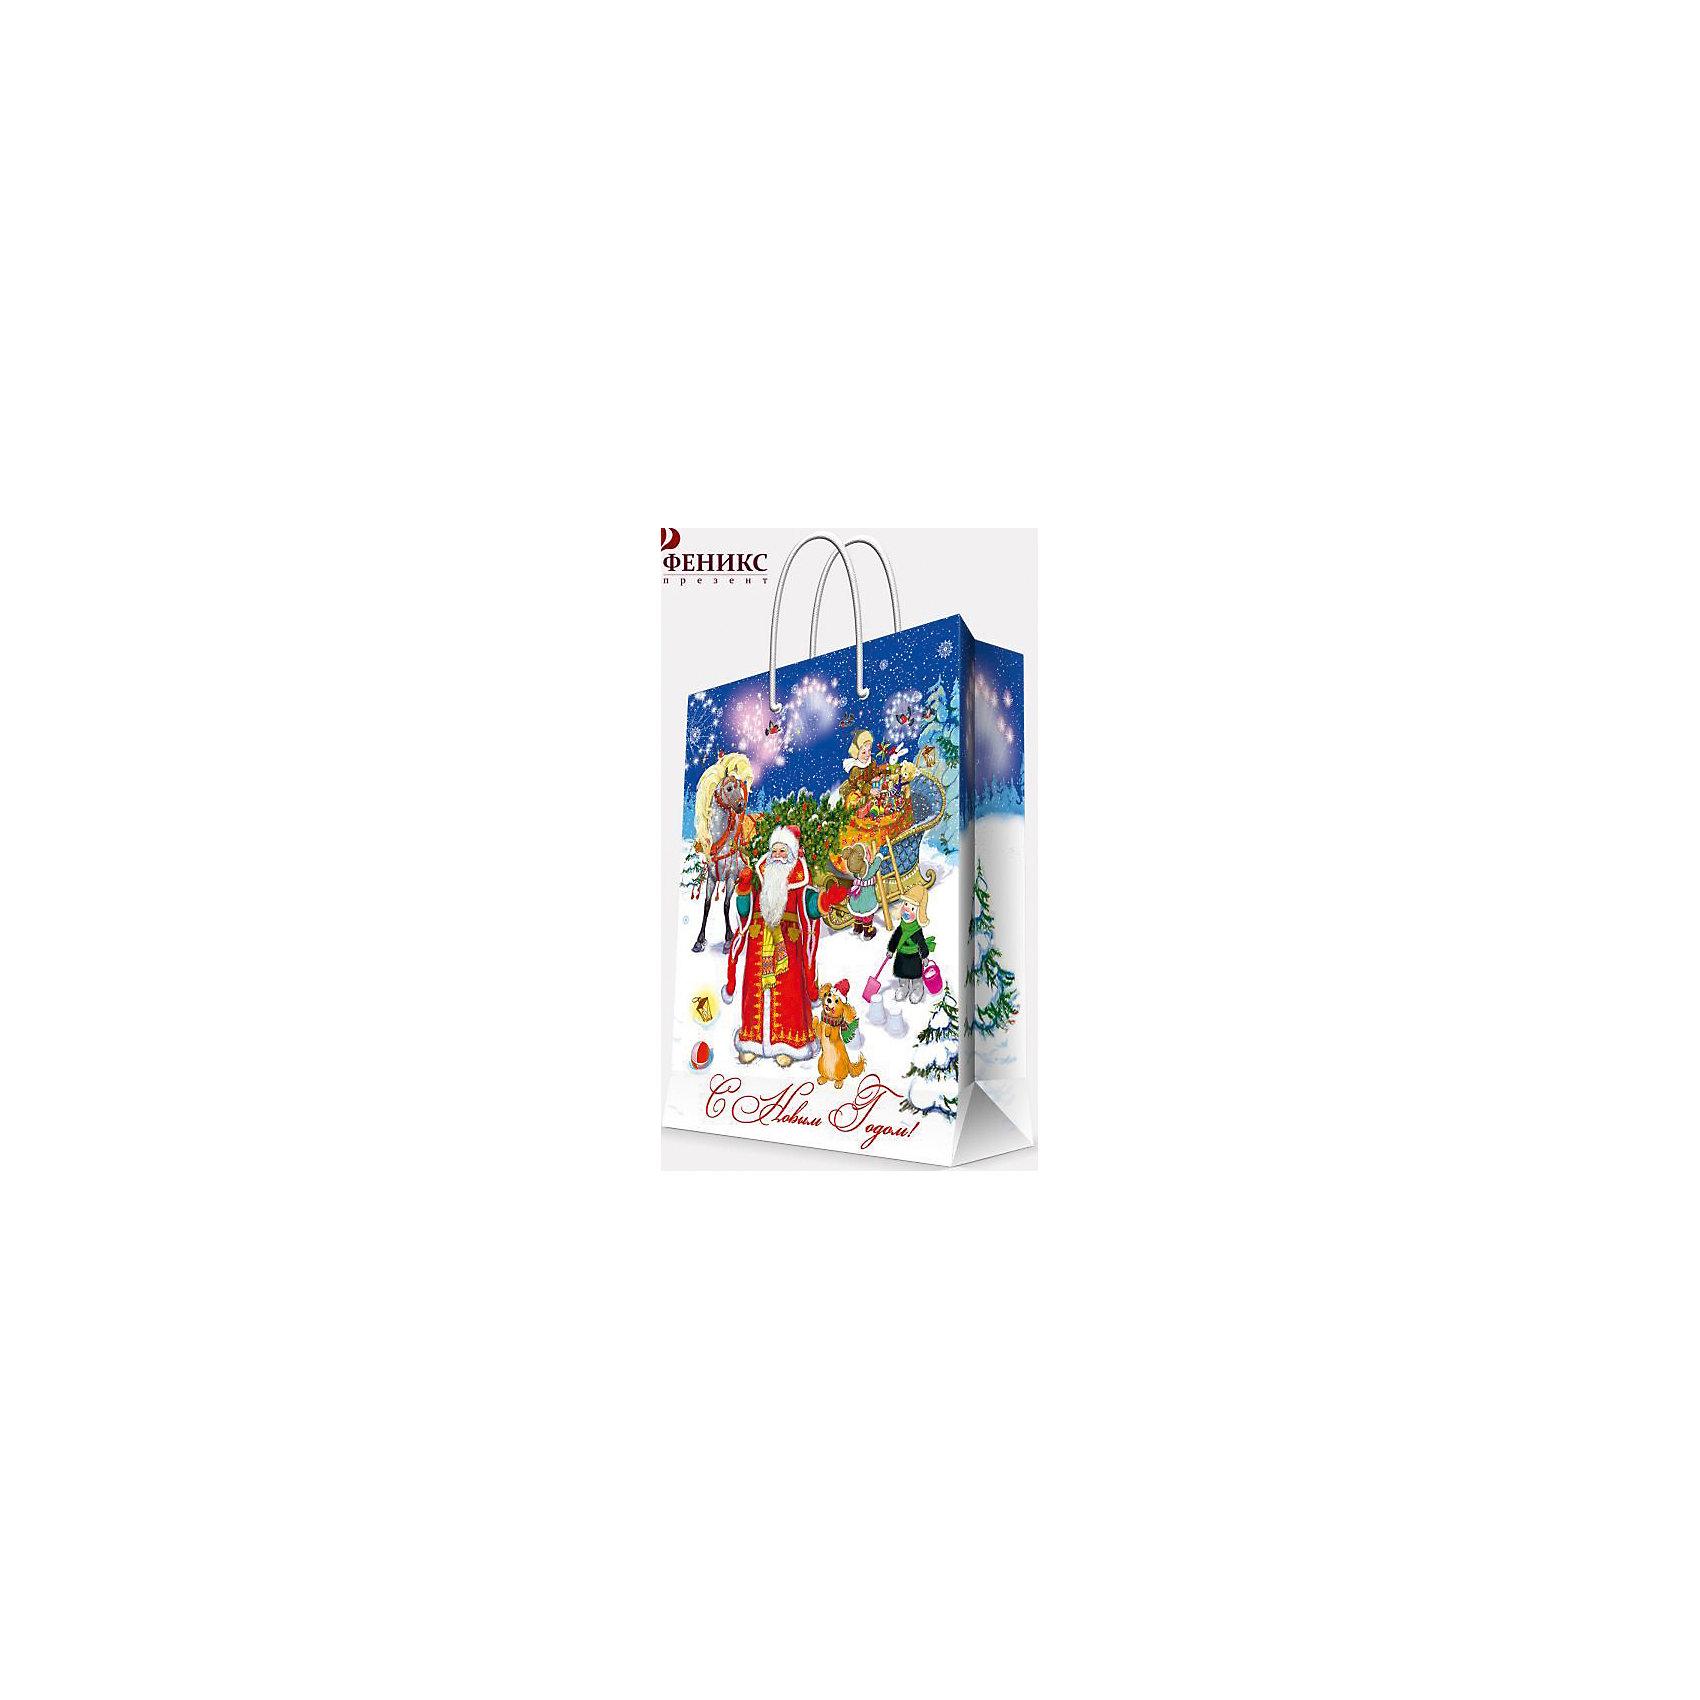 Подарочный пакет Дед Мороз  Ёлкой 26*32,4*12,7 смНовый год - самый любимый праздник у многих детей и взрослых.  Праздничное настроение создает украшенный дом, наряженная ёлка, запах мандаринов, предновогодняя суета и, конечно же, подарки! Чтобы сделать момент вручения приятнее, нужен красивый подарочный пакет.<br>Этот пакет украшен симпатичным универсальным рисунком, поэтому в него можно упаковать подарок и родственнику, и коллеге. Он сделан из безопасного для детей, прочного, но легкого, материала. Создайте с ним праздничное настроение себе и близким!<br><br>Дополнительная информация:<br><br>плотность: 140 г/м2;<br>размер: 26 х 32 х 13 см;<br>с ламинацией;<br>украшен рисунком.<br><br>Подарочный пакет Дед Мороз с Ёлкой 26*32,4*12,7 см можно купить в нашем магазине.<br><br>Ширина мм: 260<br>Глубина мм: 324<br>Высота мм: 120<br>Вес г: 74<br>Возраст от месяцев: 36<br>Возраст до месяцев: 2147483647<br>Пол: Унисекс<br>Возраст: Детский<br>SKU: 4981391